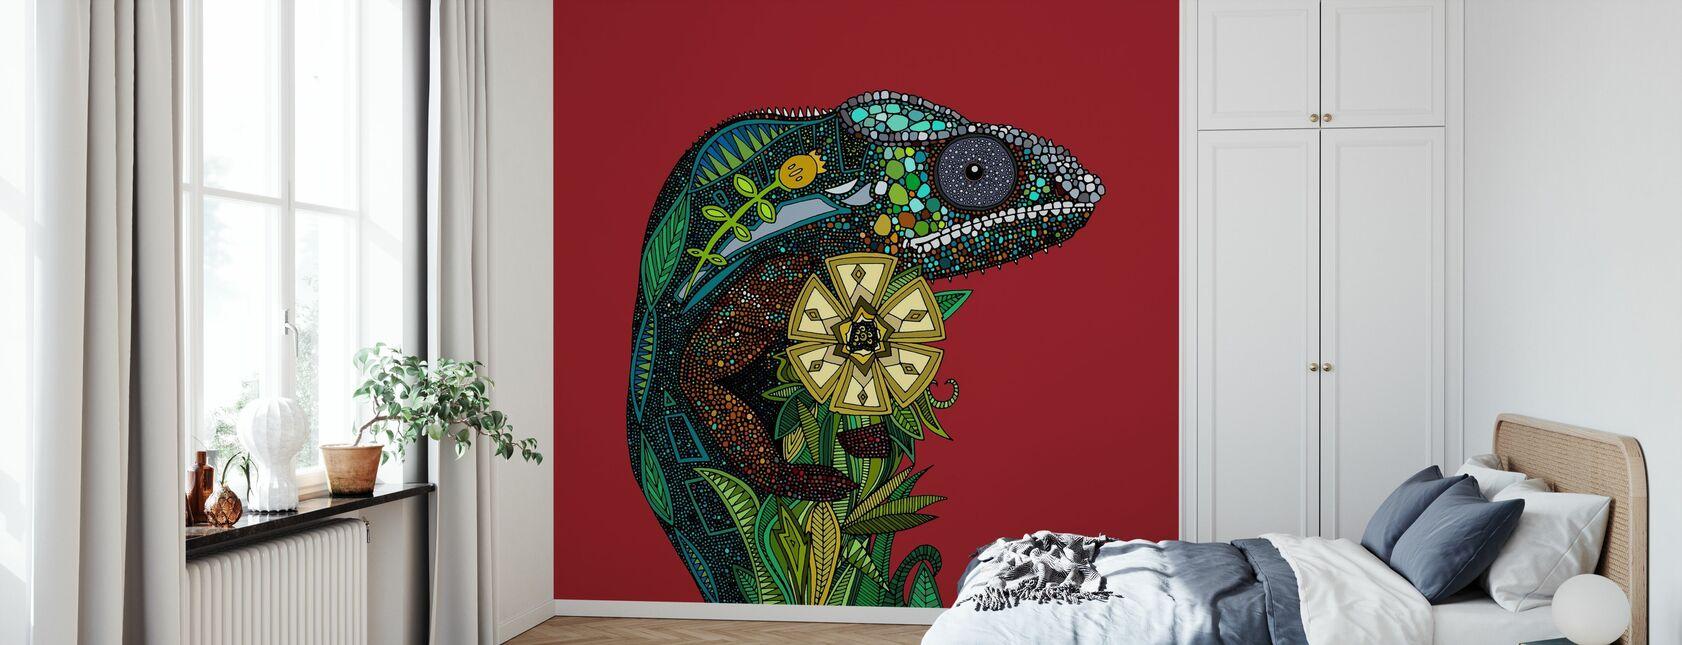 Chameleon - Wallpaper - Bedroom